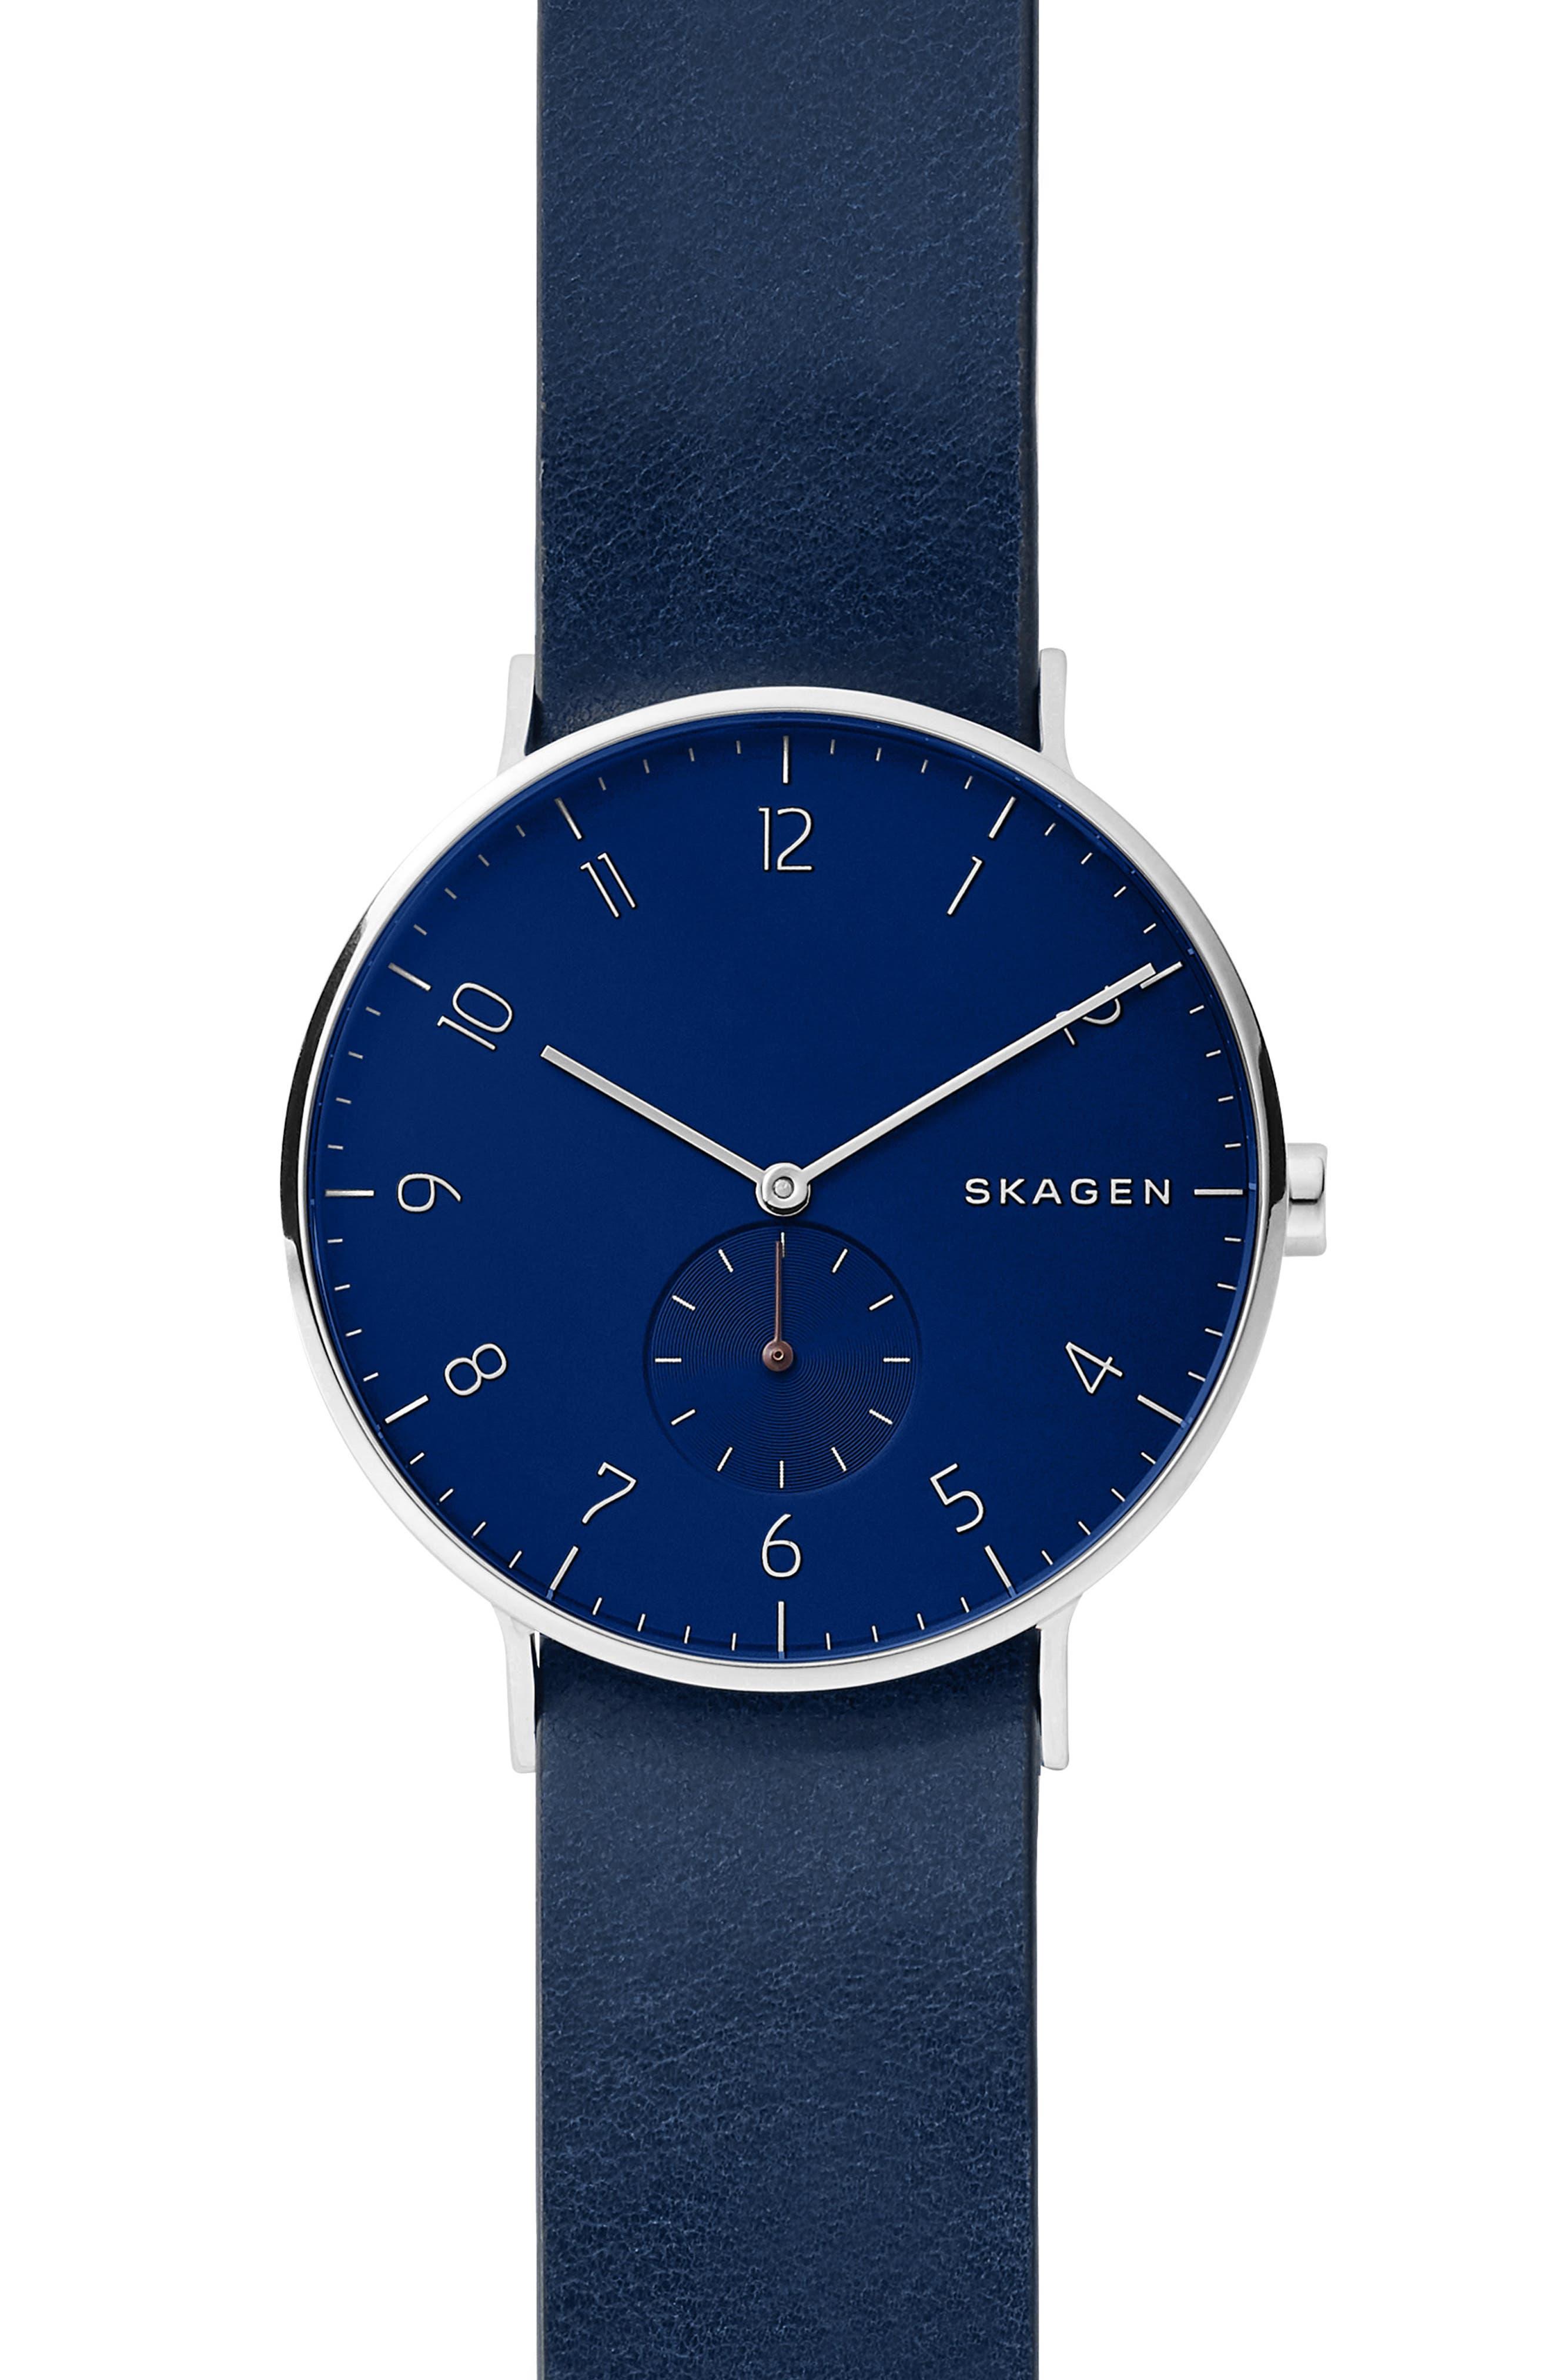 SKAGEN Aaren Reversible Leather Strap Watch, 40Mm in Navy